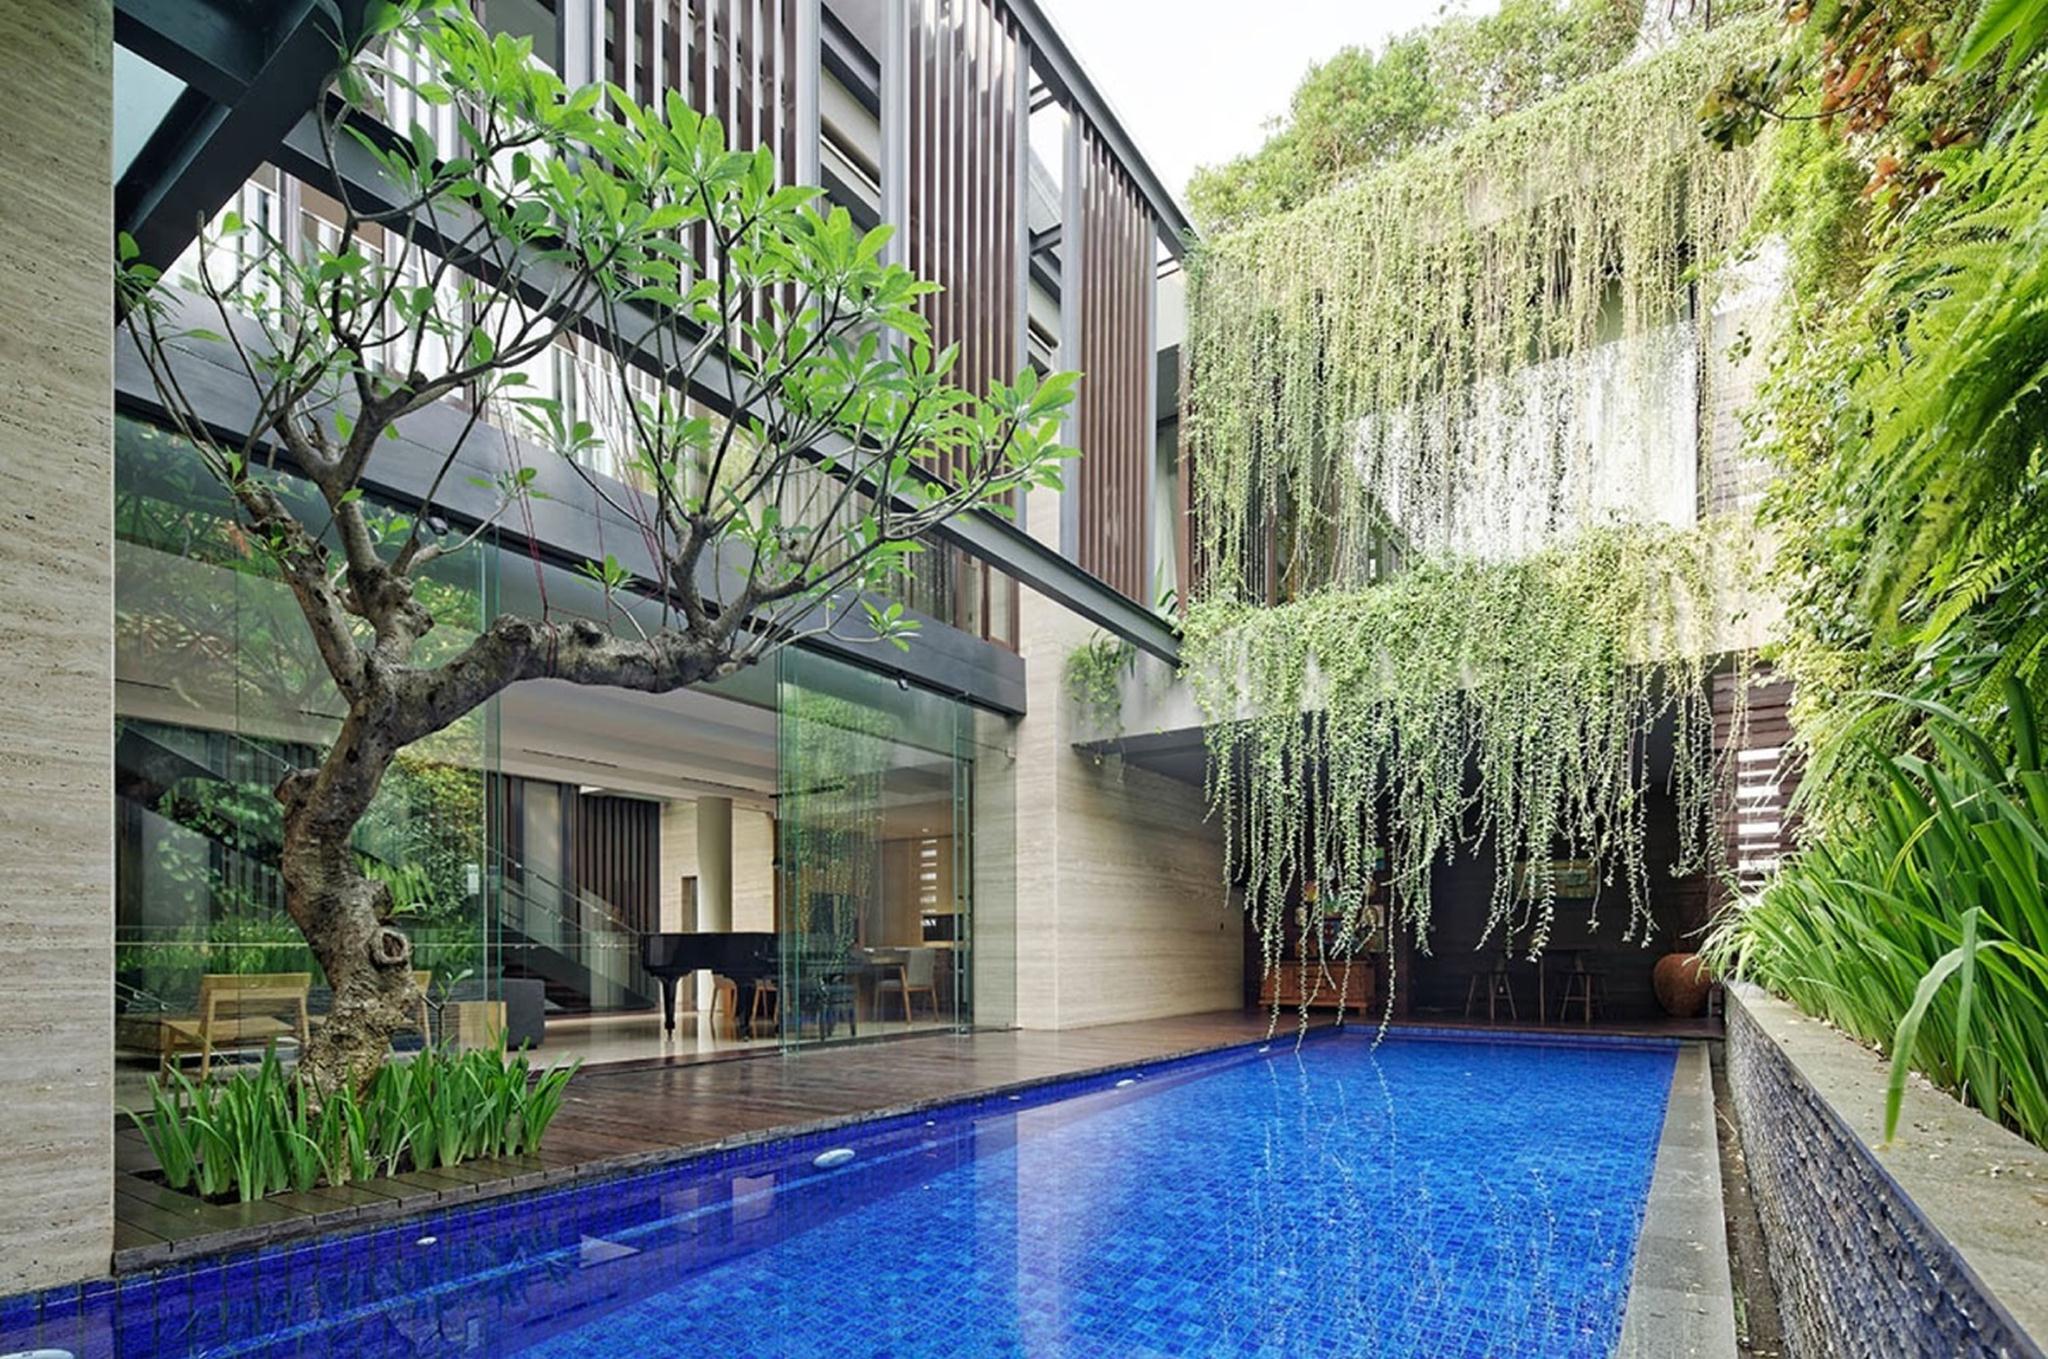 Cây xanh được trồng thẳng đứng như 1 đường viền tô điểm thêm vẻ đẹp cho ngôi nhà.